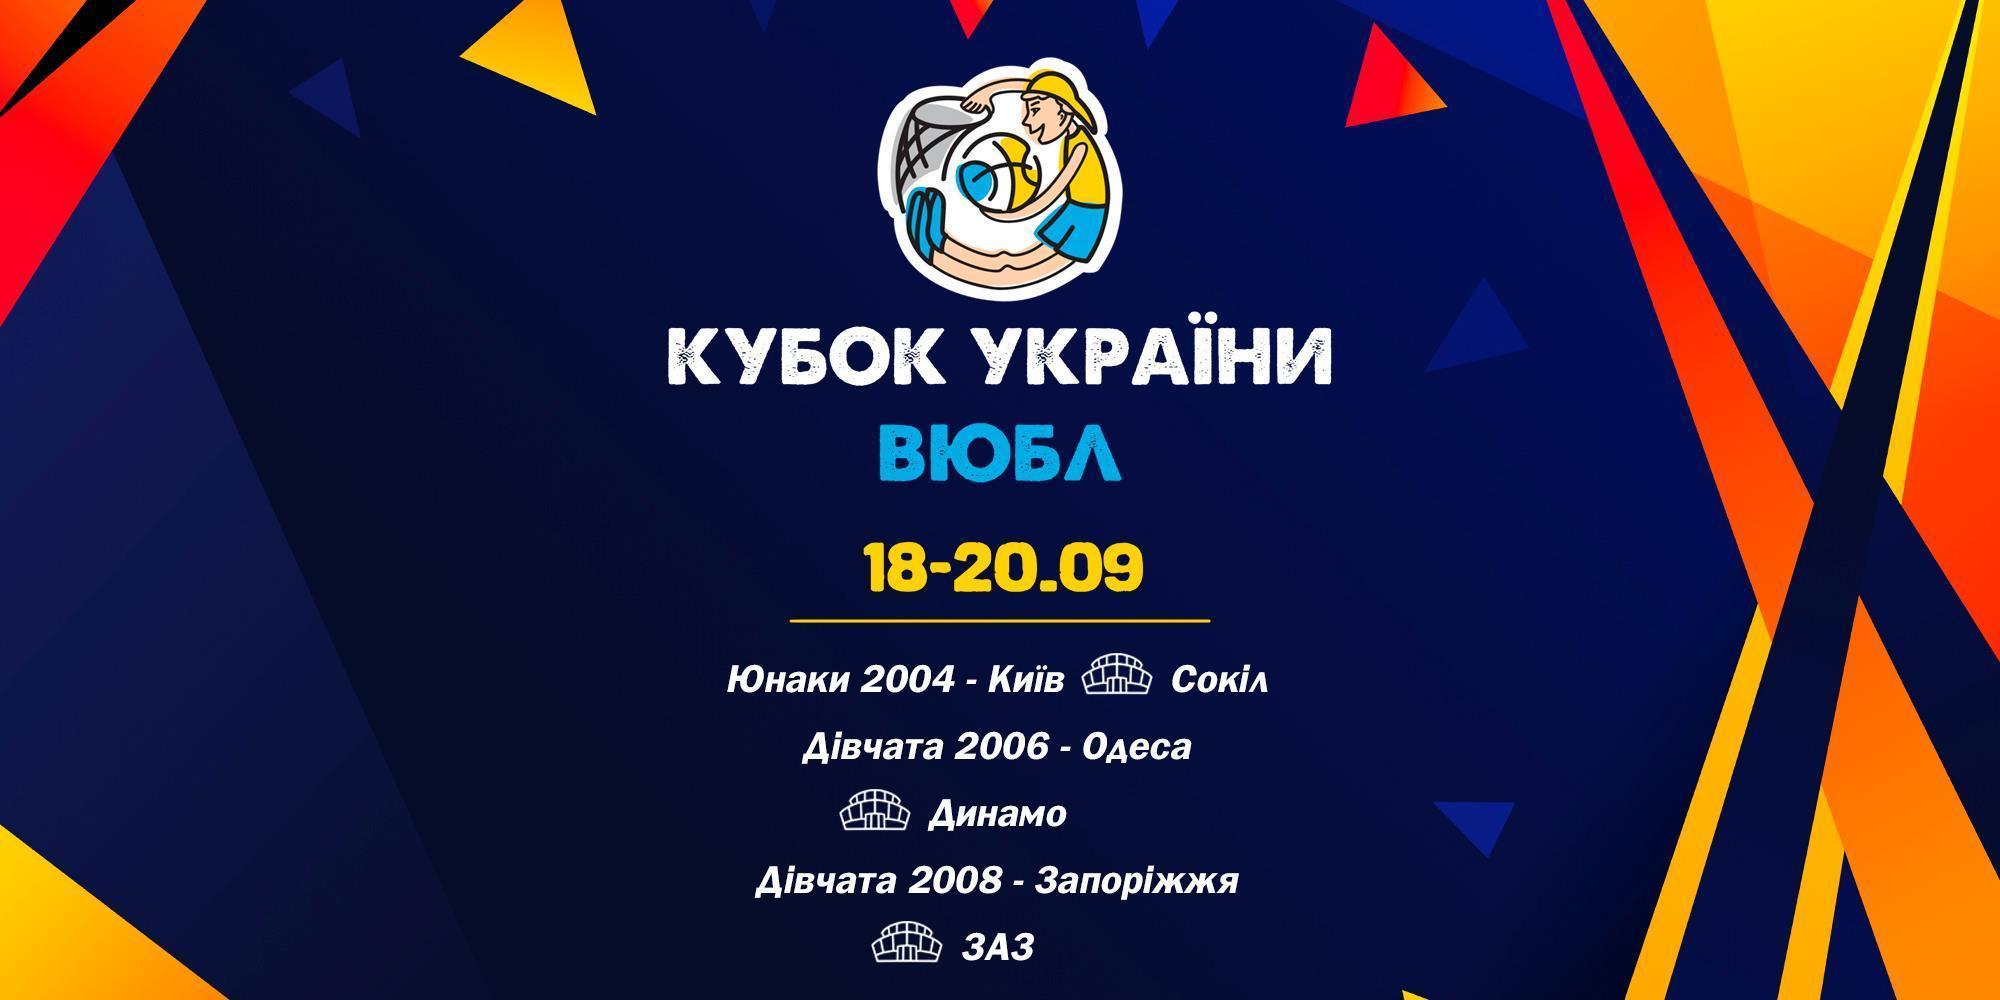 Кубок ВЮБЛ: відео матчів 20 вересня